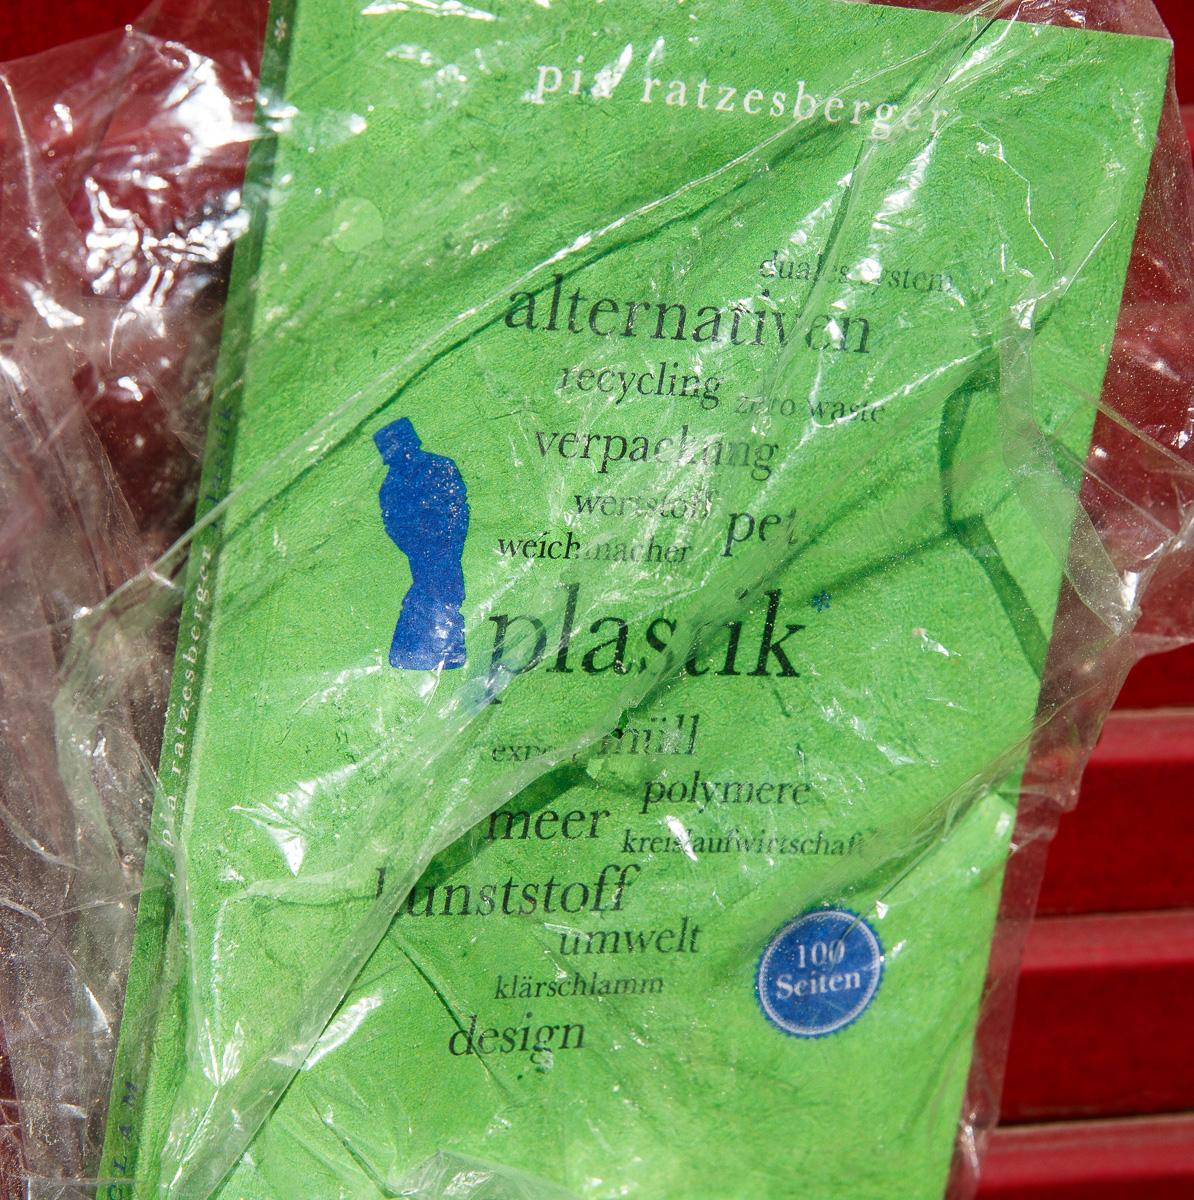 Plastik: Ein lesenswertes Buch von Pia Ratzesberger, Reclam 2019